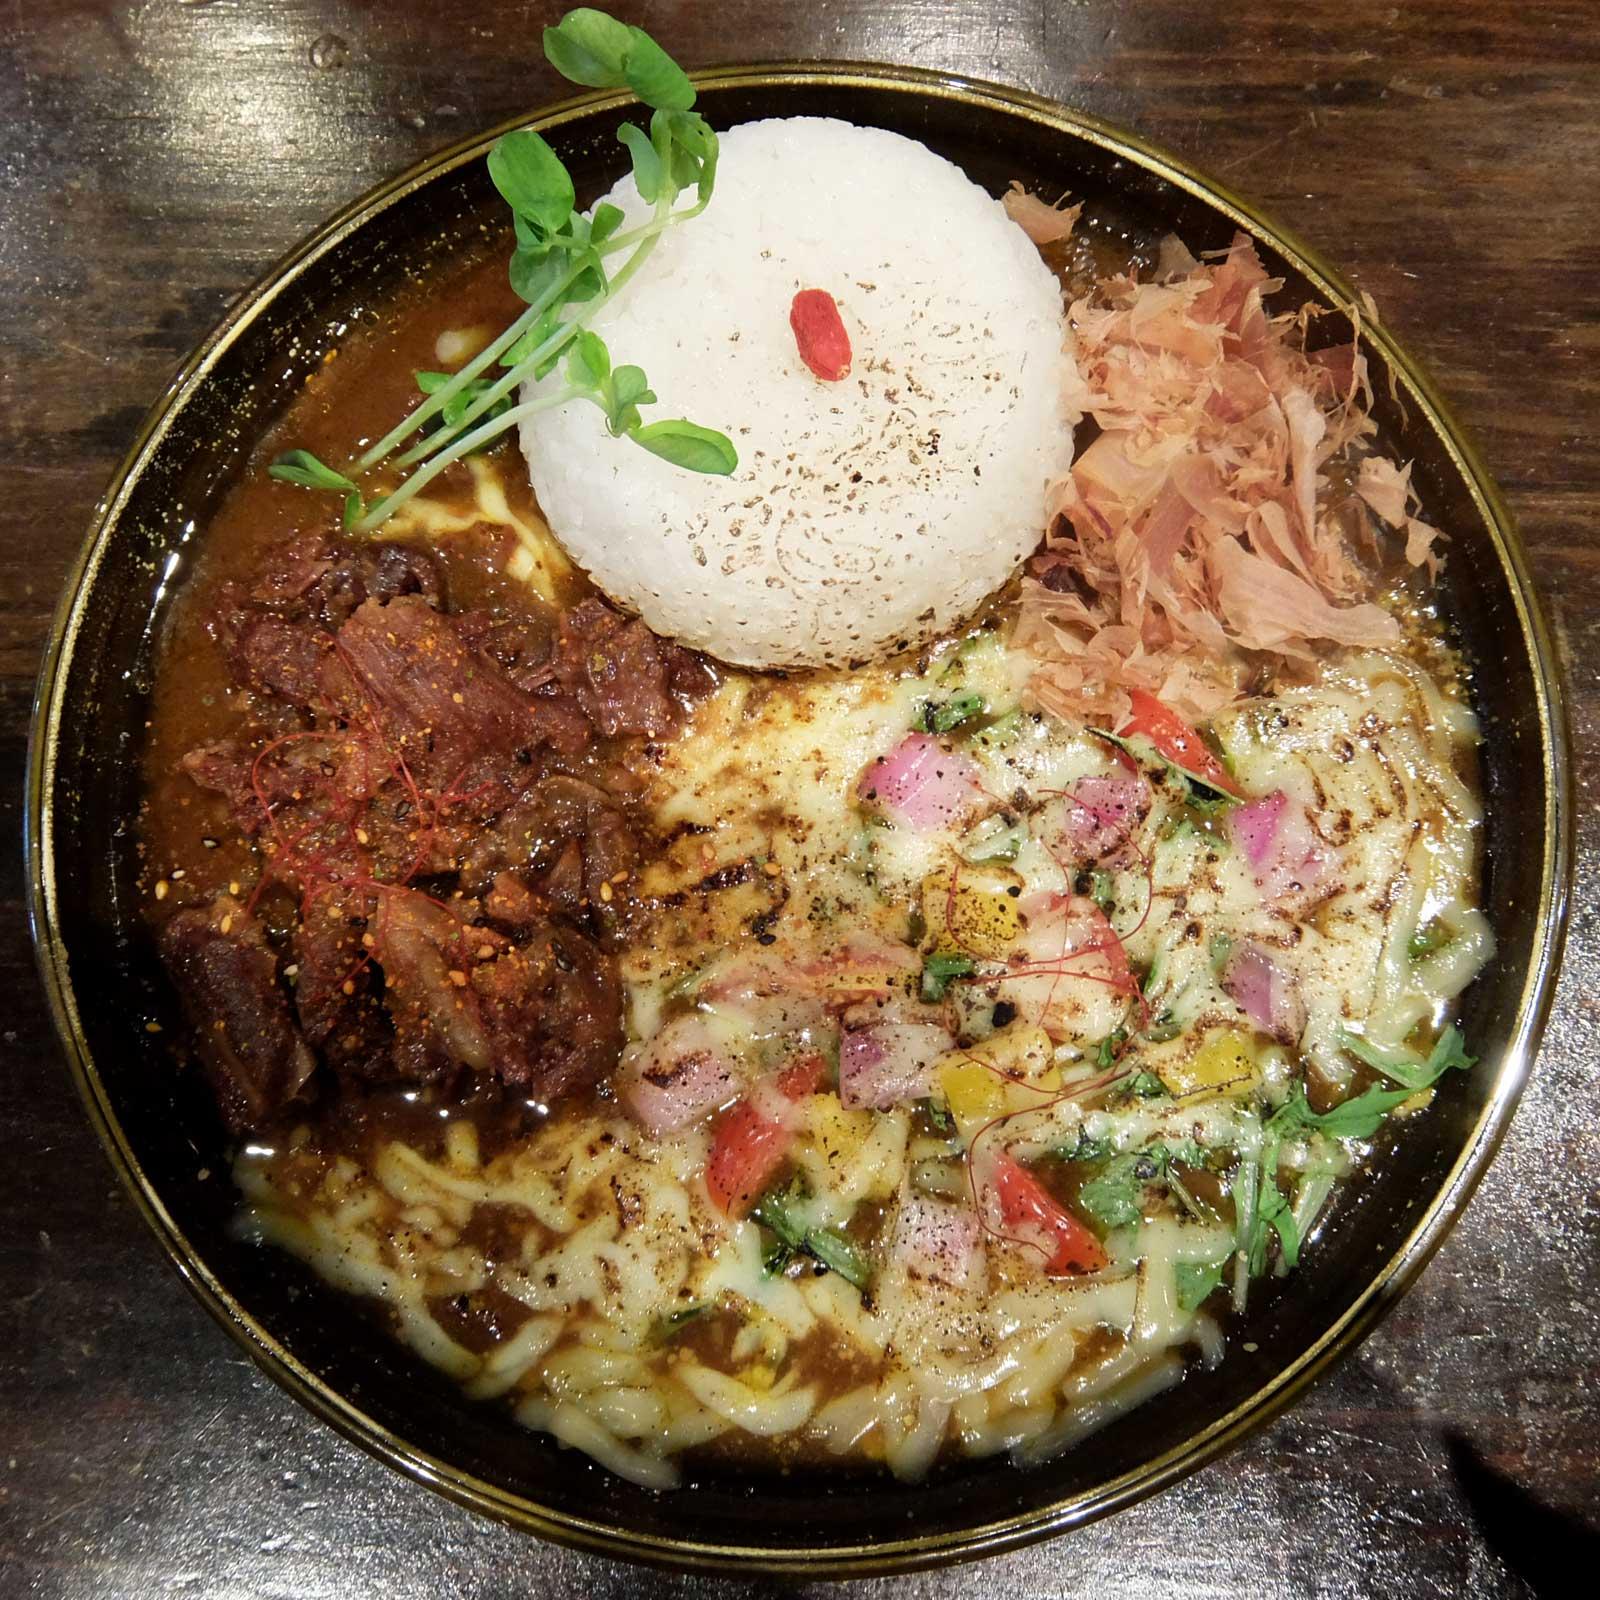 ジパングカリーカフェ 和風カレー ヒゲ ボウズ トロスジ焼きベジチーズ 中崎町 梅田 大阪